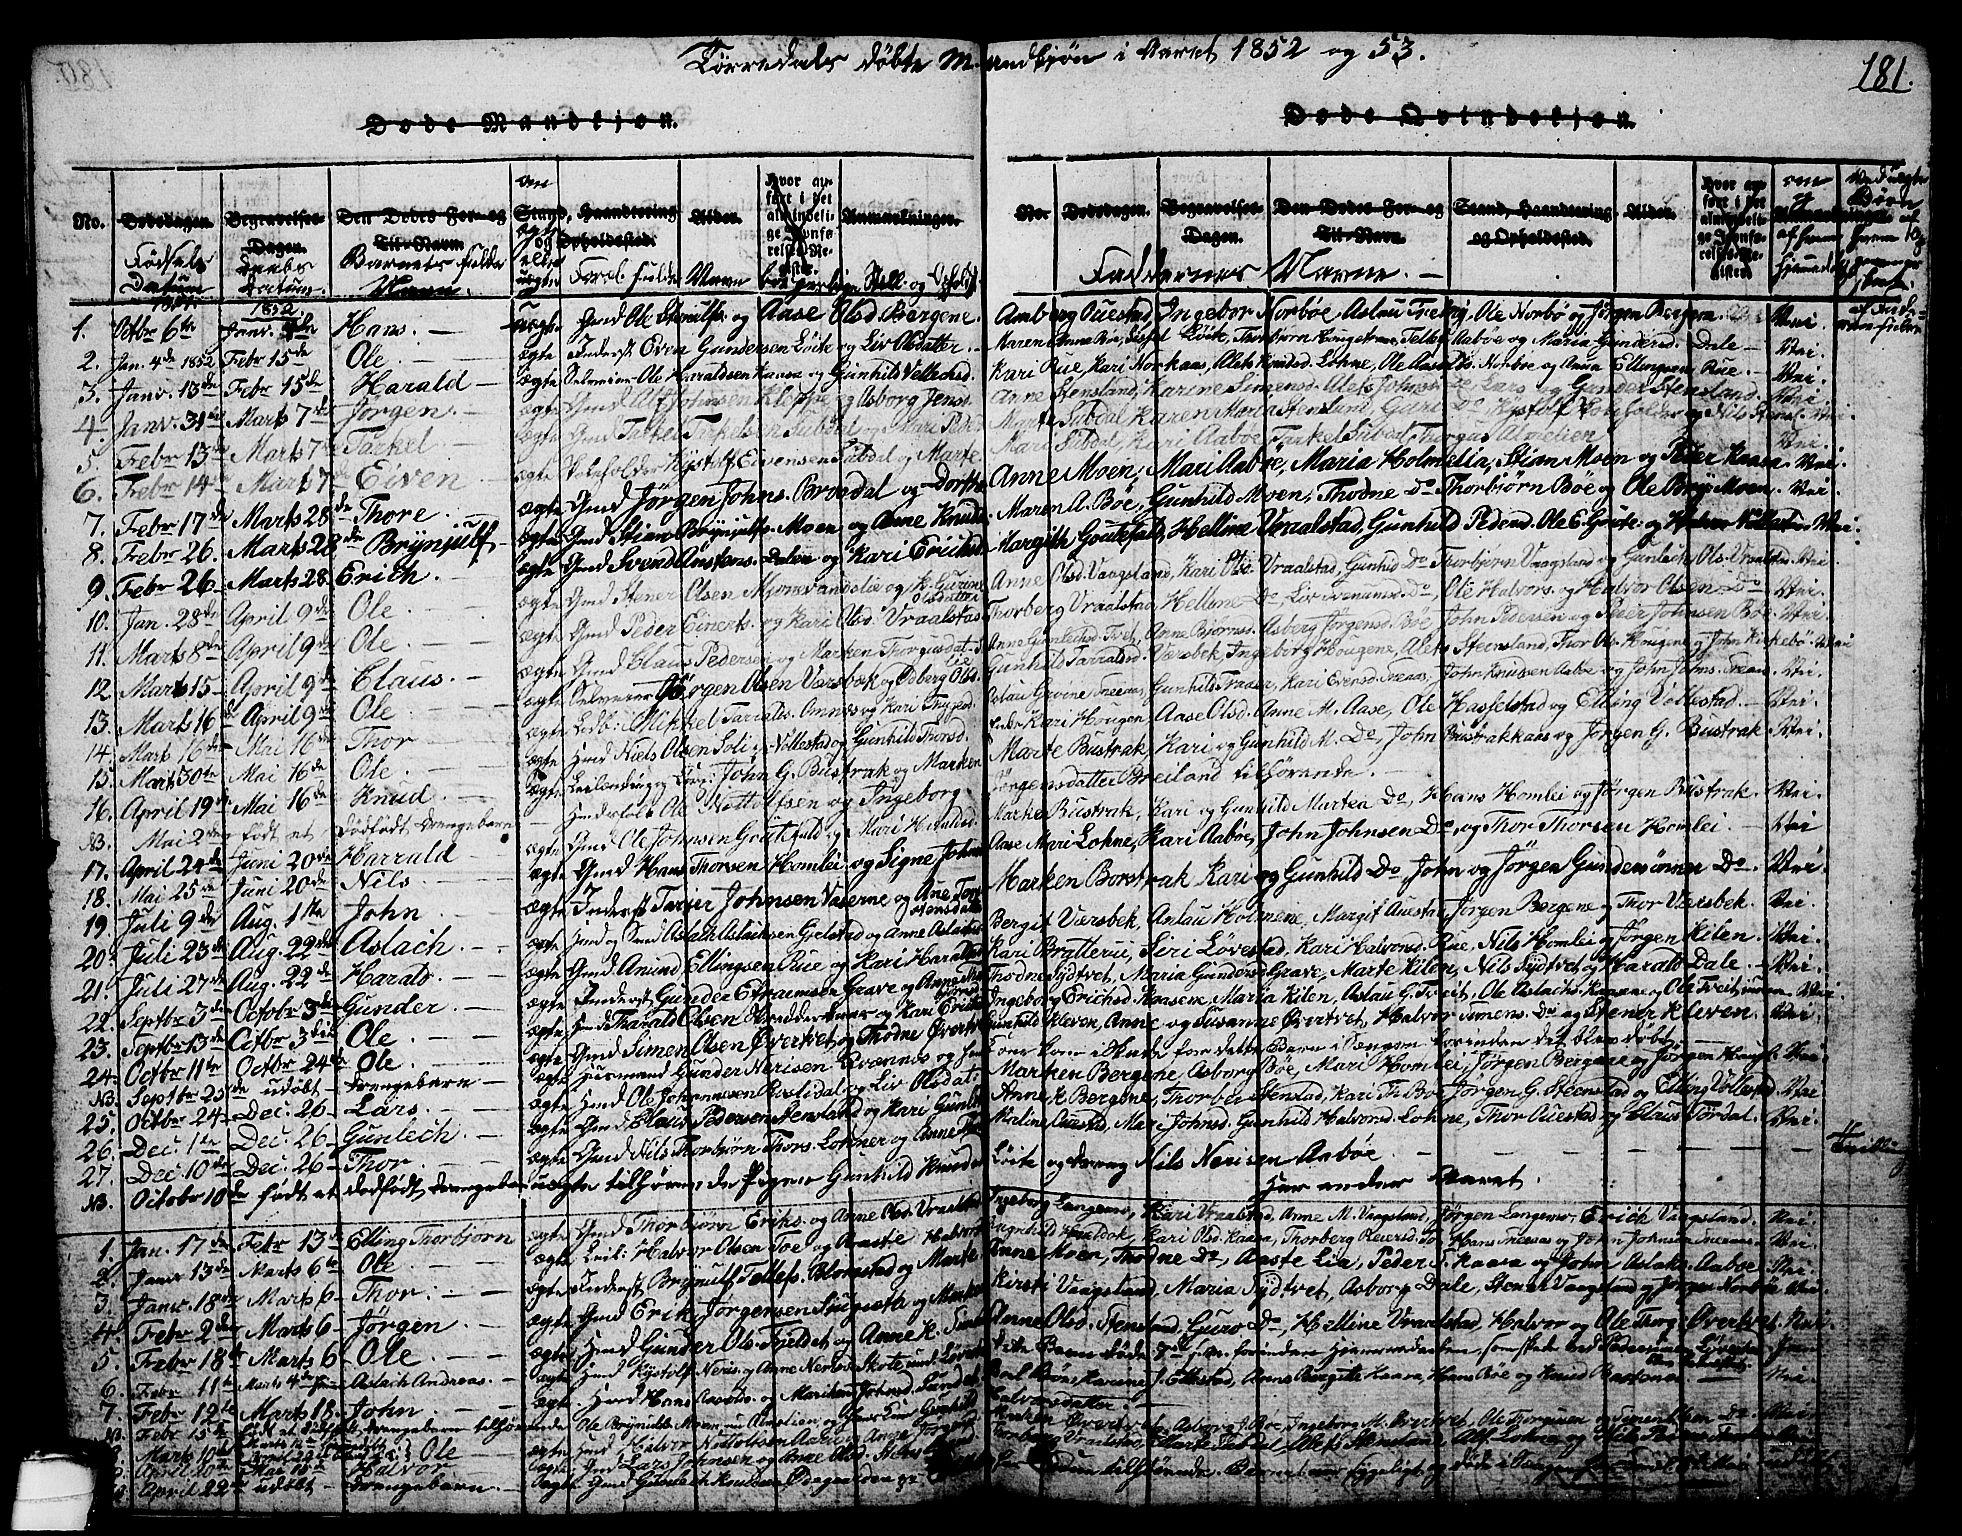 SAKO, Drangedal kirkebøker, G/Ga/L0001: Klokkerbok nr. I 1 /2, 1814-1856, s. 181